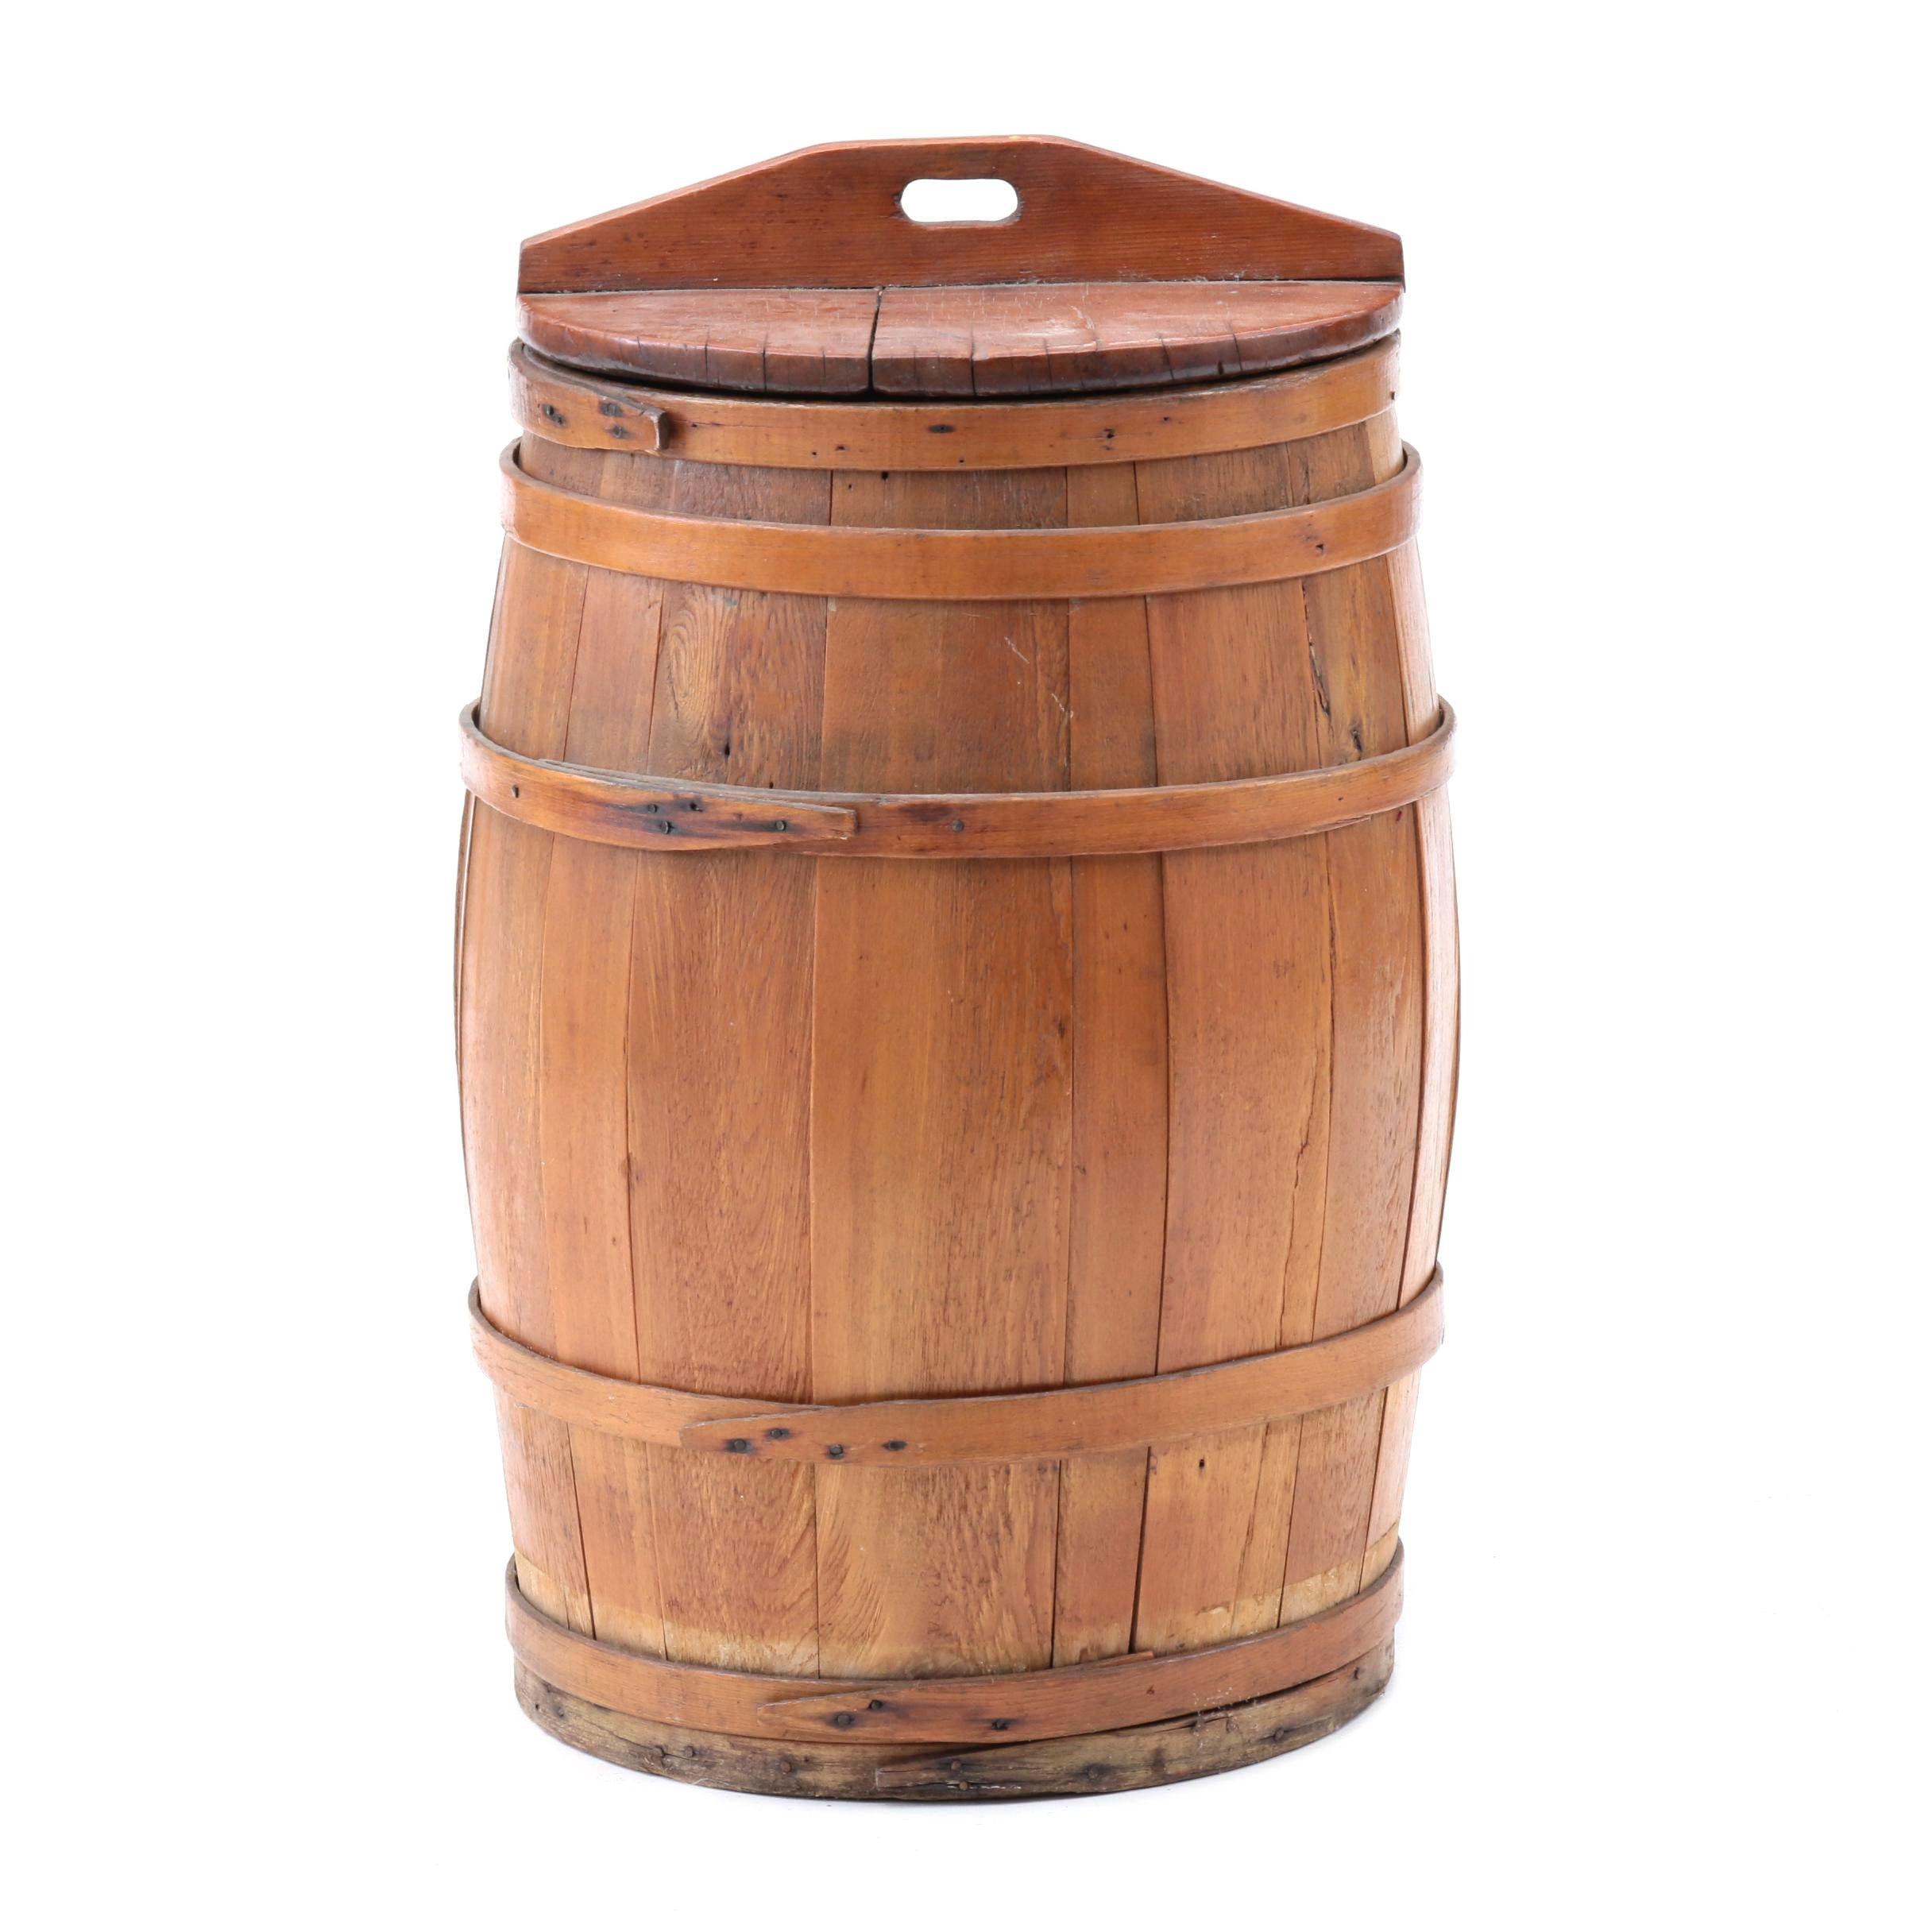 Oak Barrel with Lid